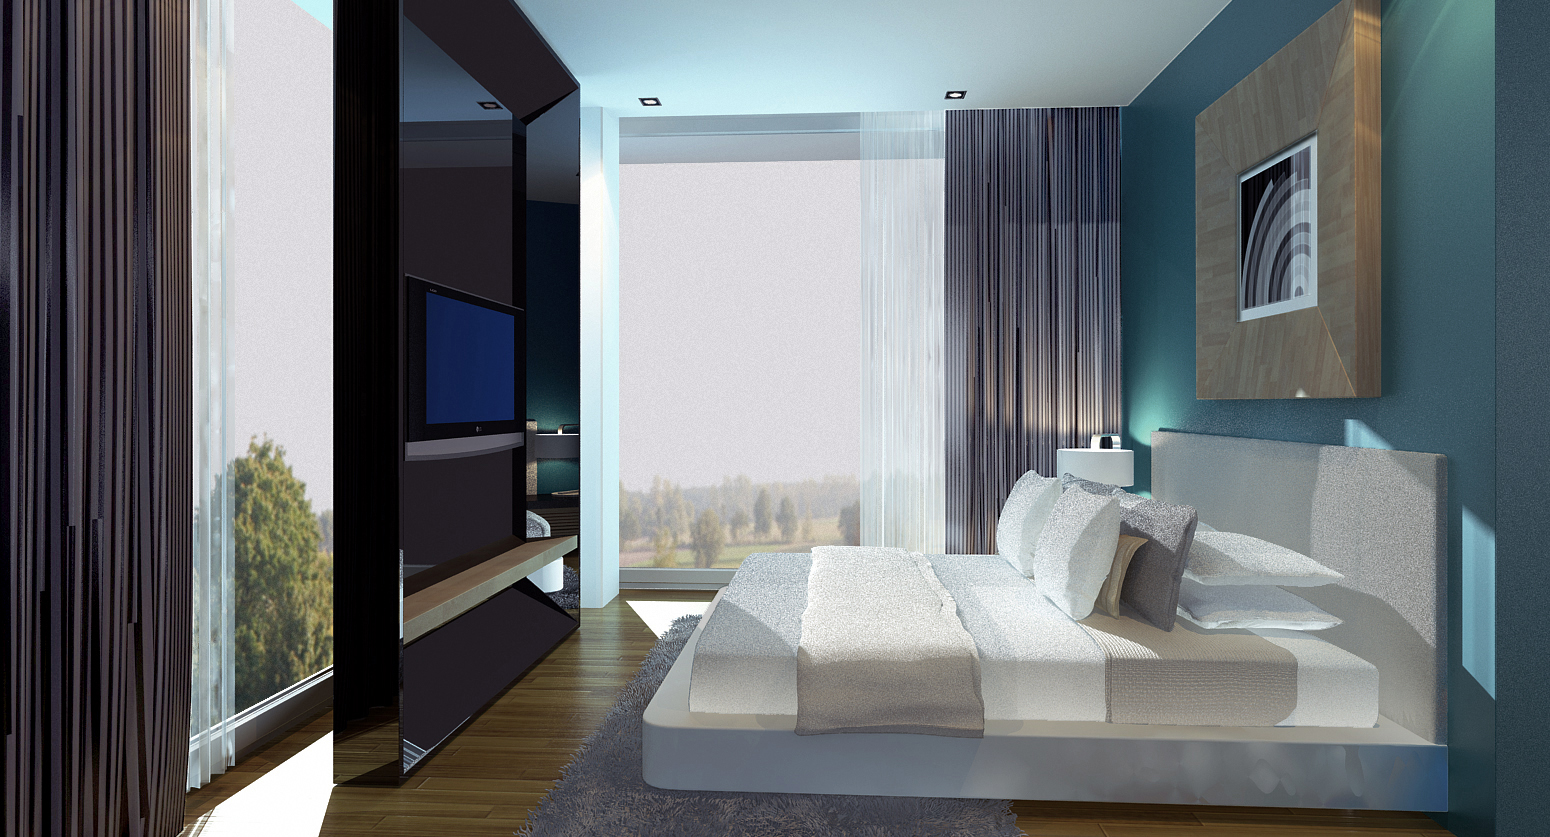 Bedroom 3 type A